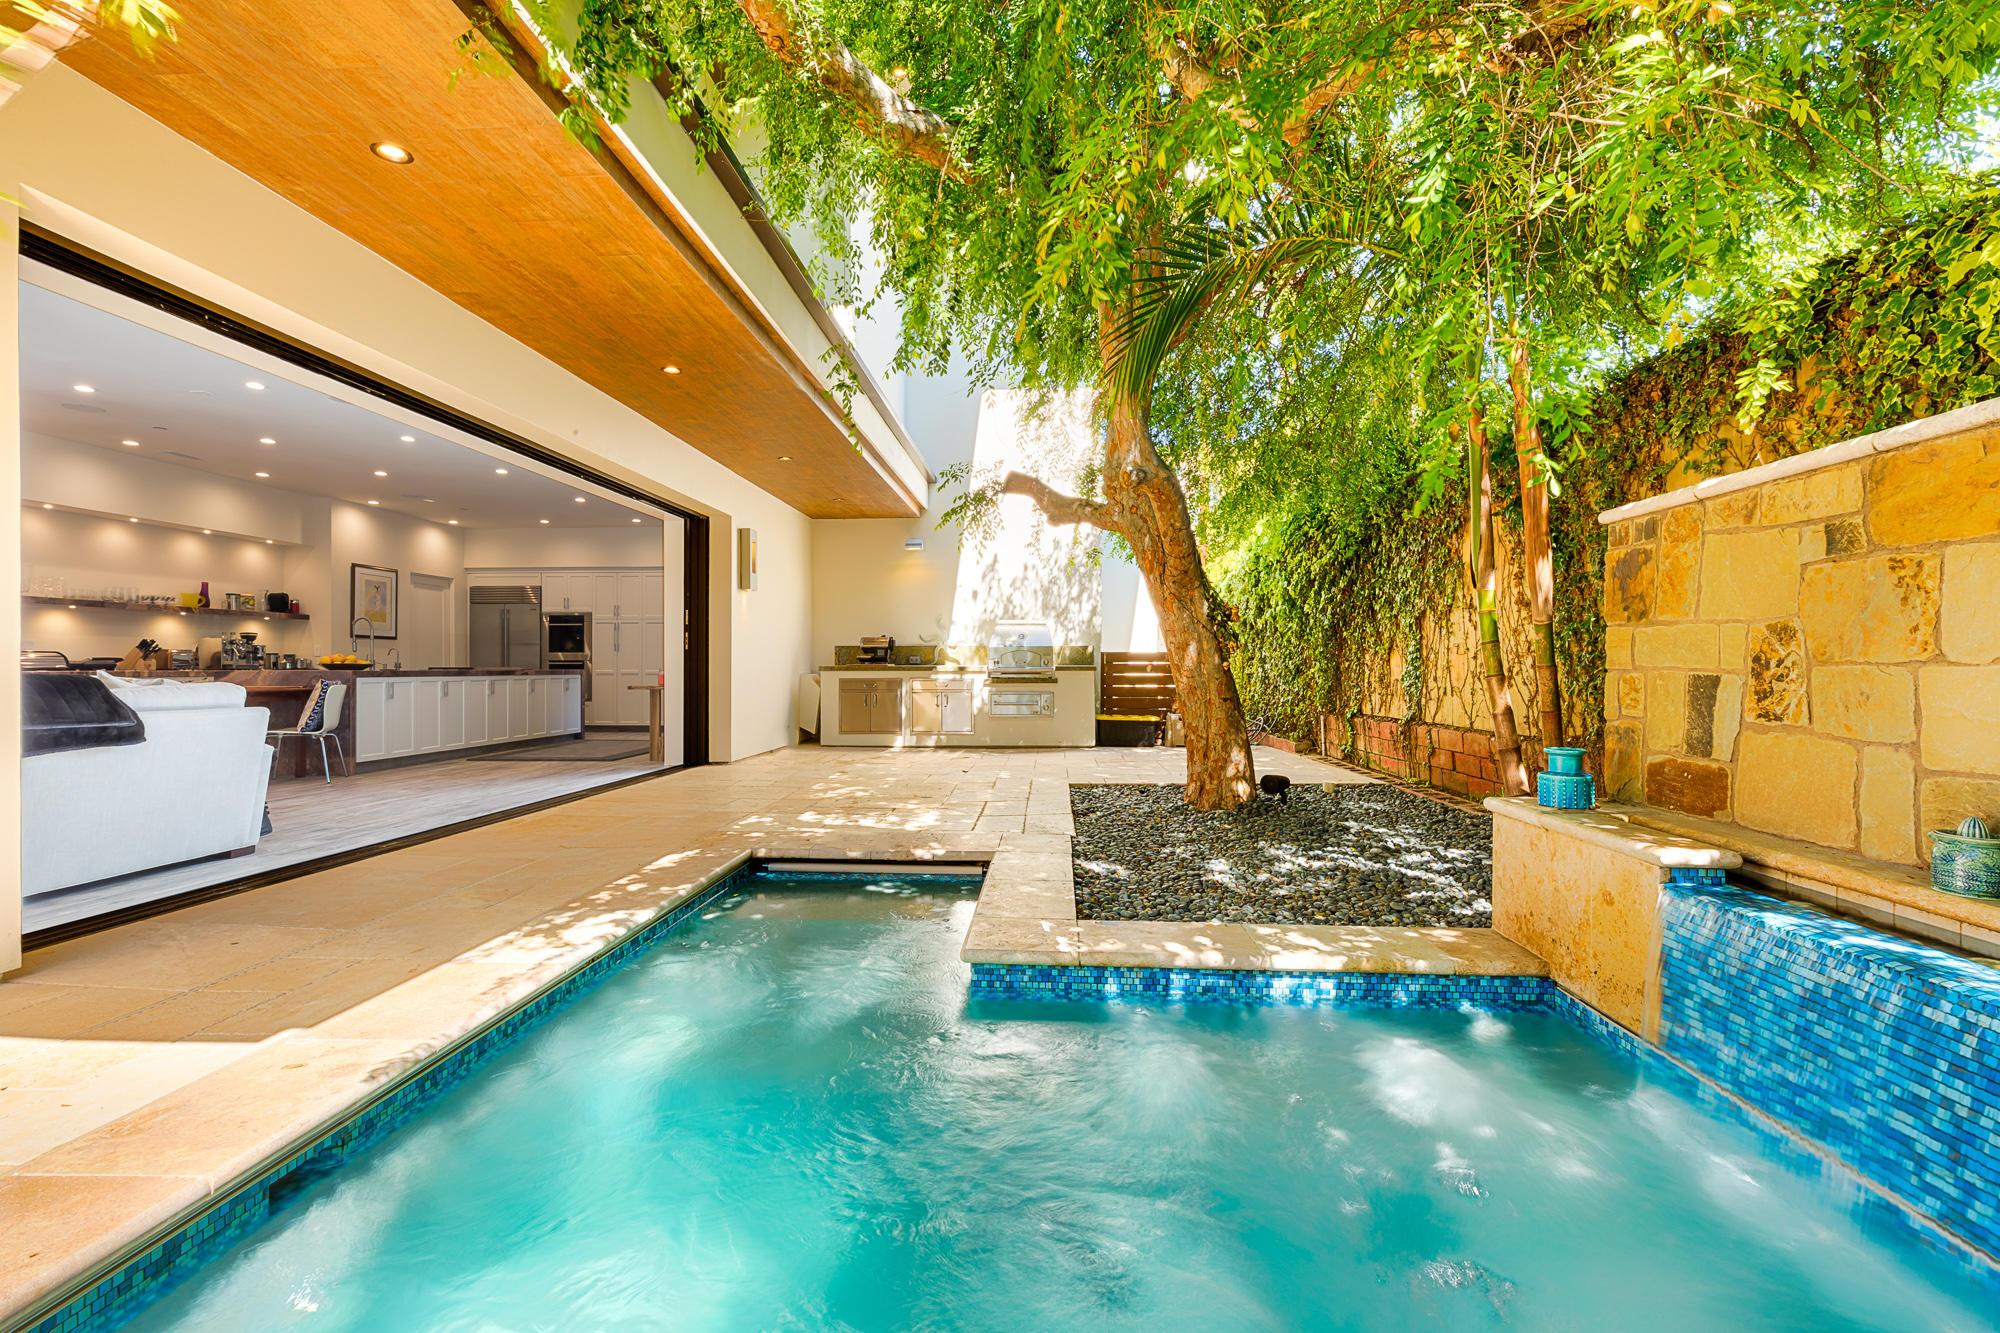 La Jolla Vacation Rentals image 59